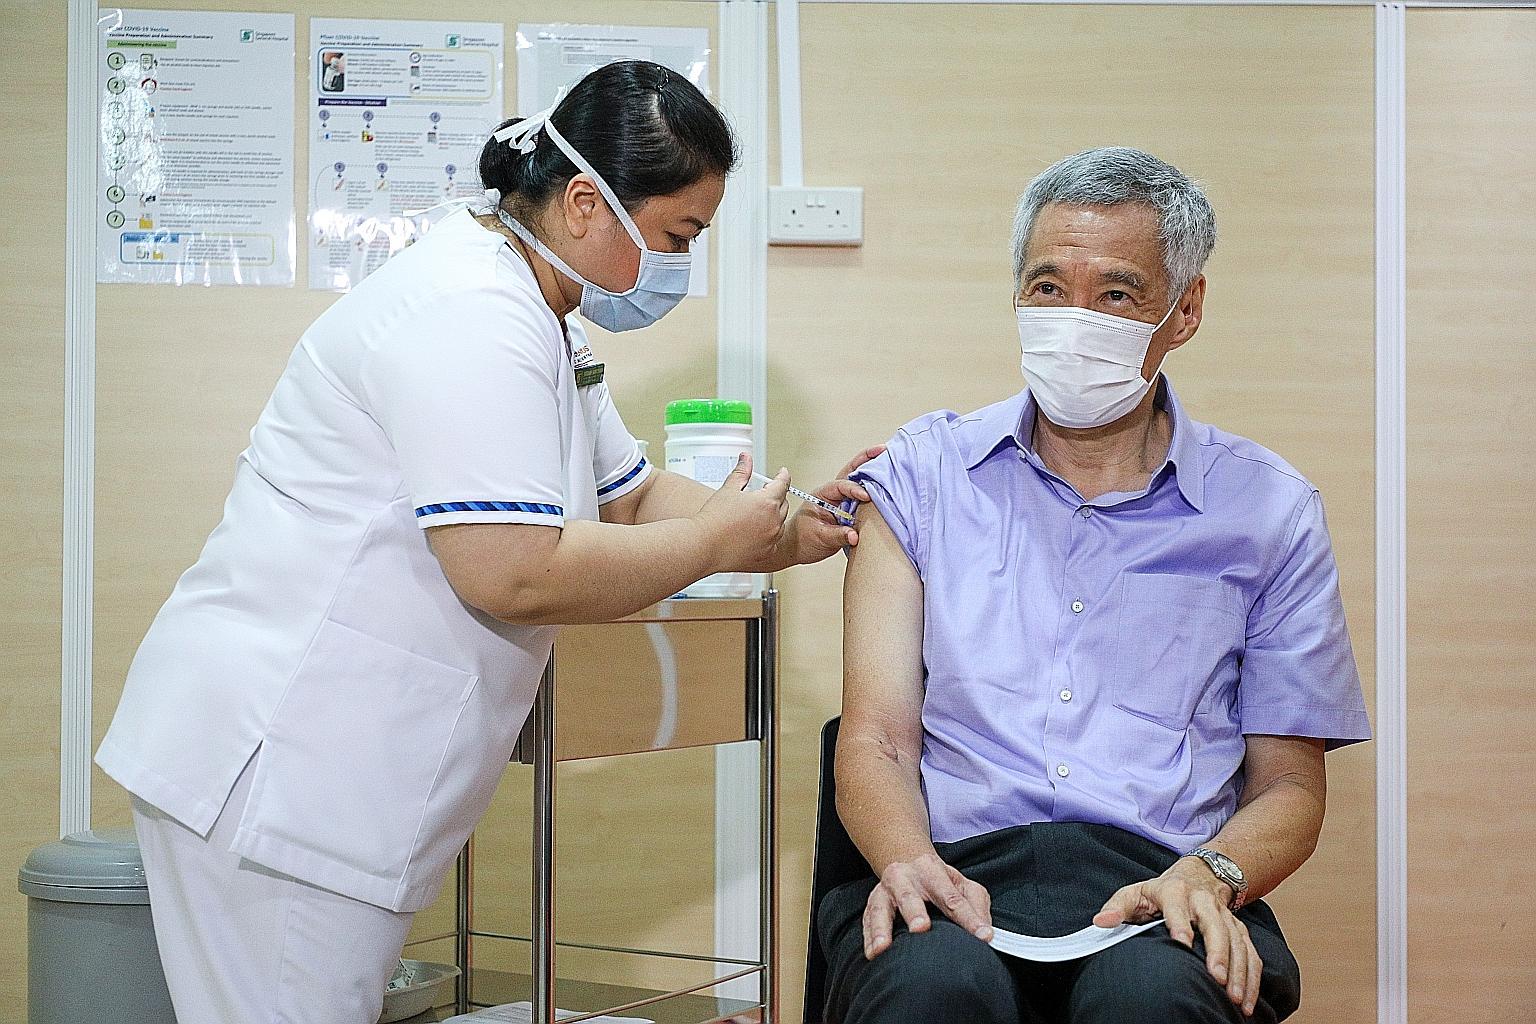 Thủ tướng Lý Hiển Long được tiêm vaccine Pfizer vào ngày 9/1. Ảnh: Straits Times.